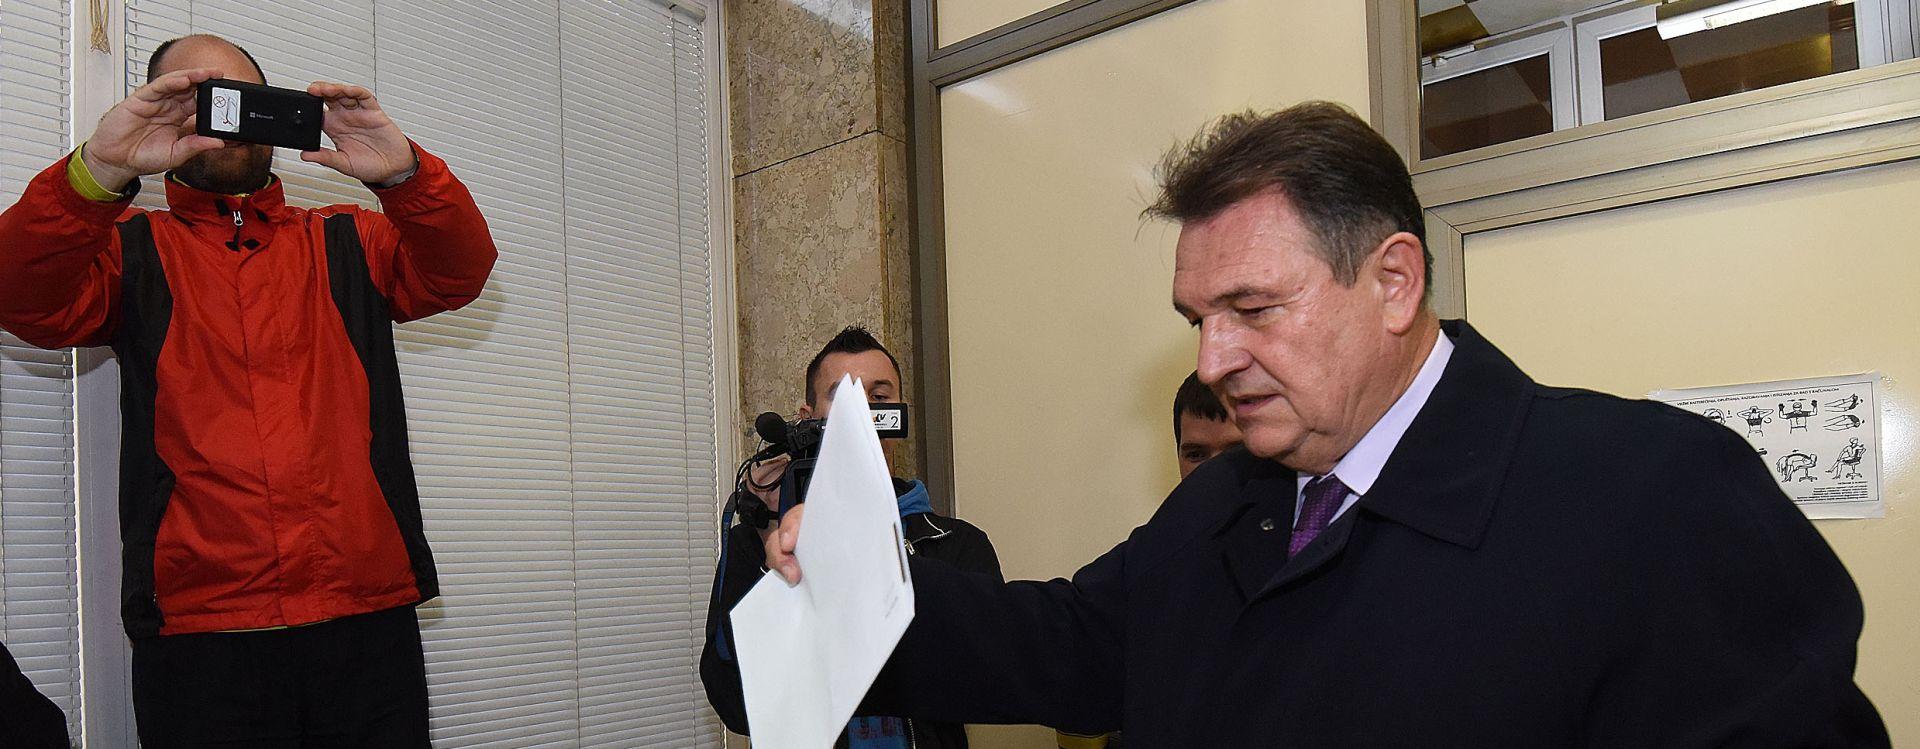 NEMARNI POLITIČARI: Kosorici istekla osobna iskaznica, Čačić je zaboravio ponijeti